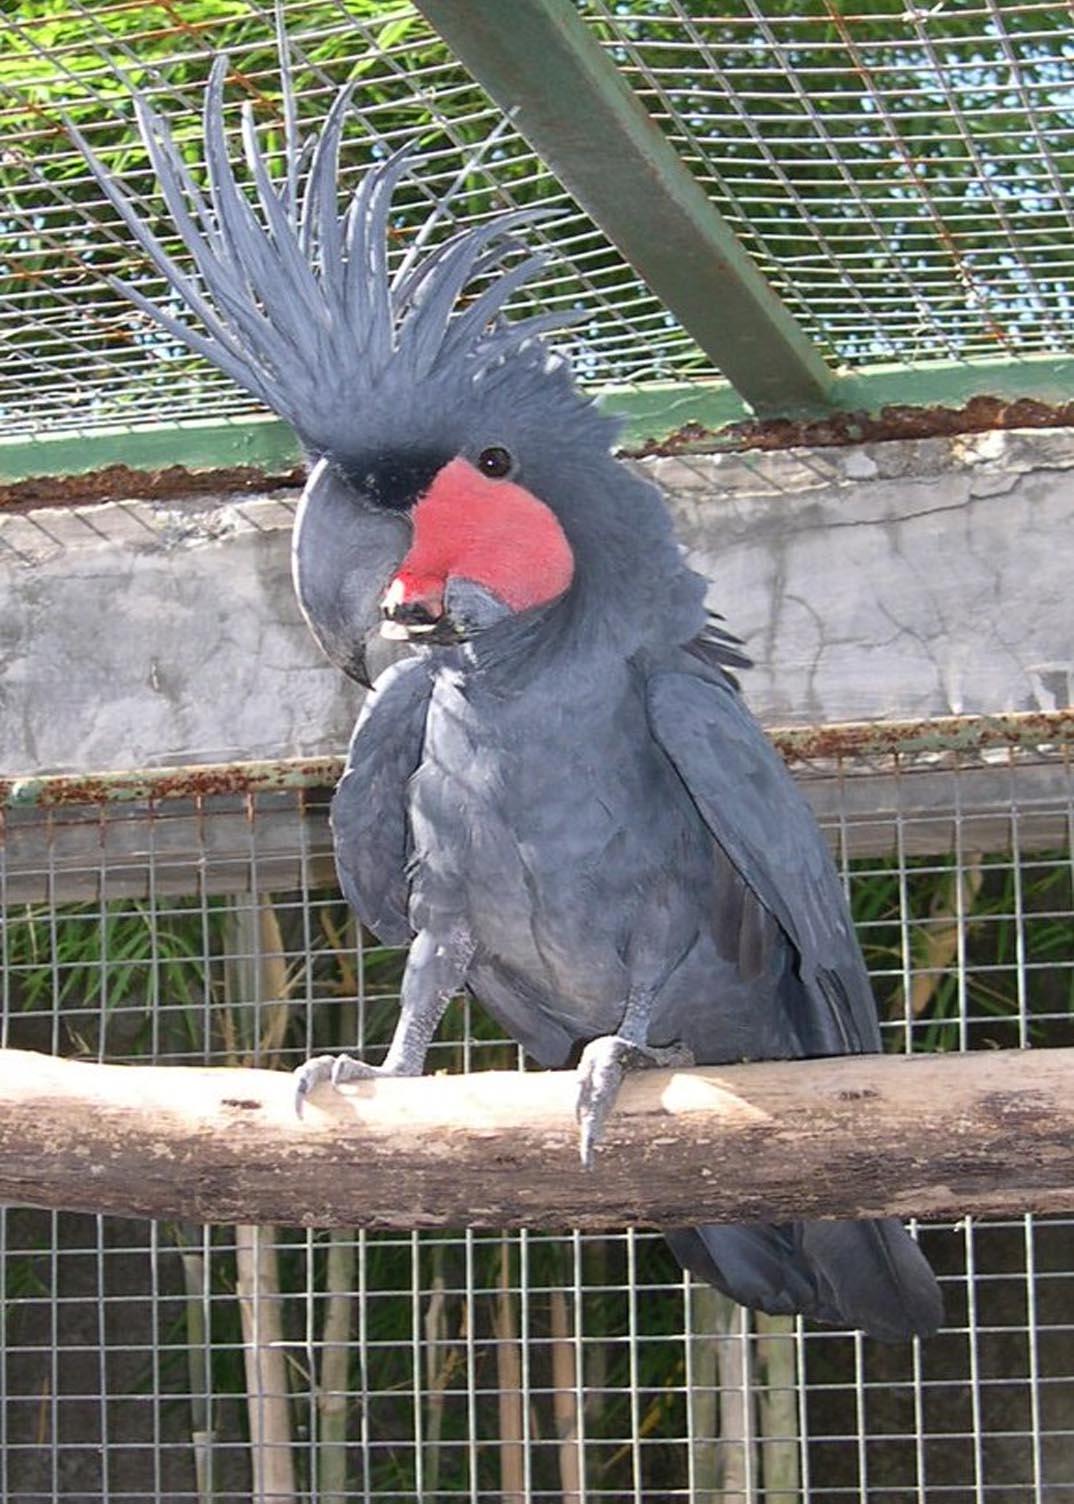 Daftar Harga Burung Kakatua Daftar Harga Burung Kicau